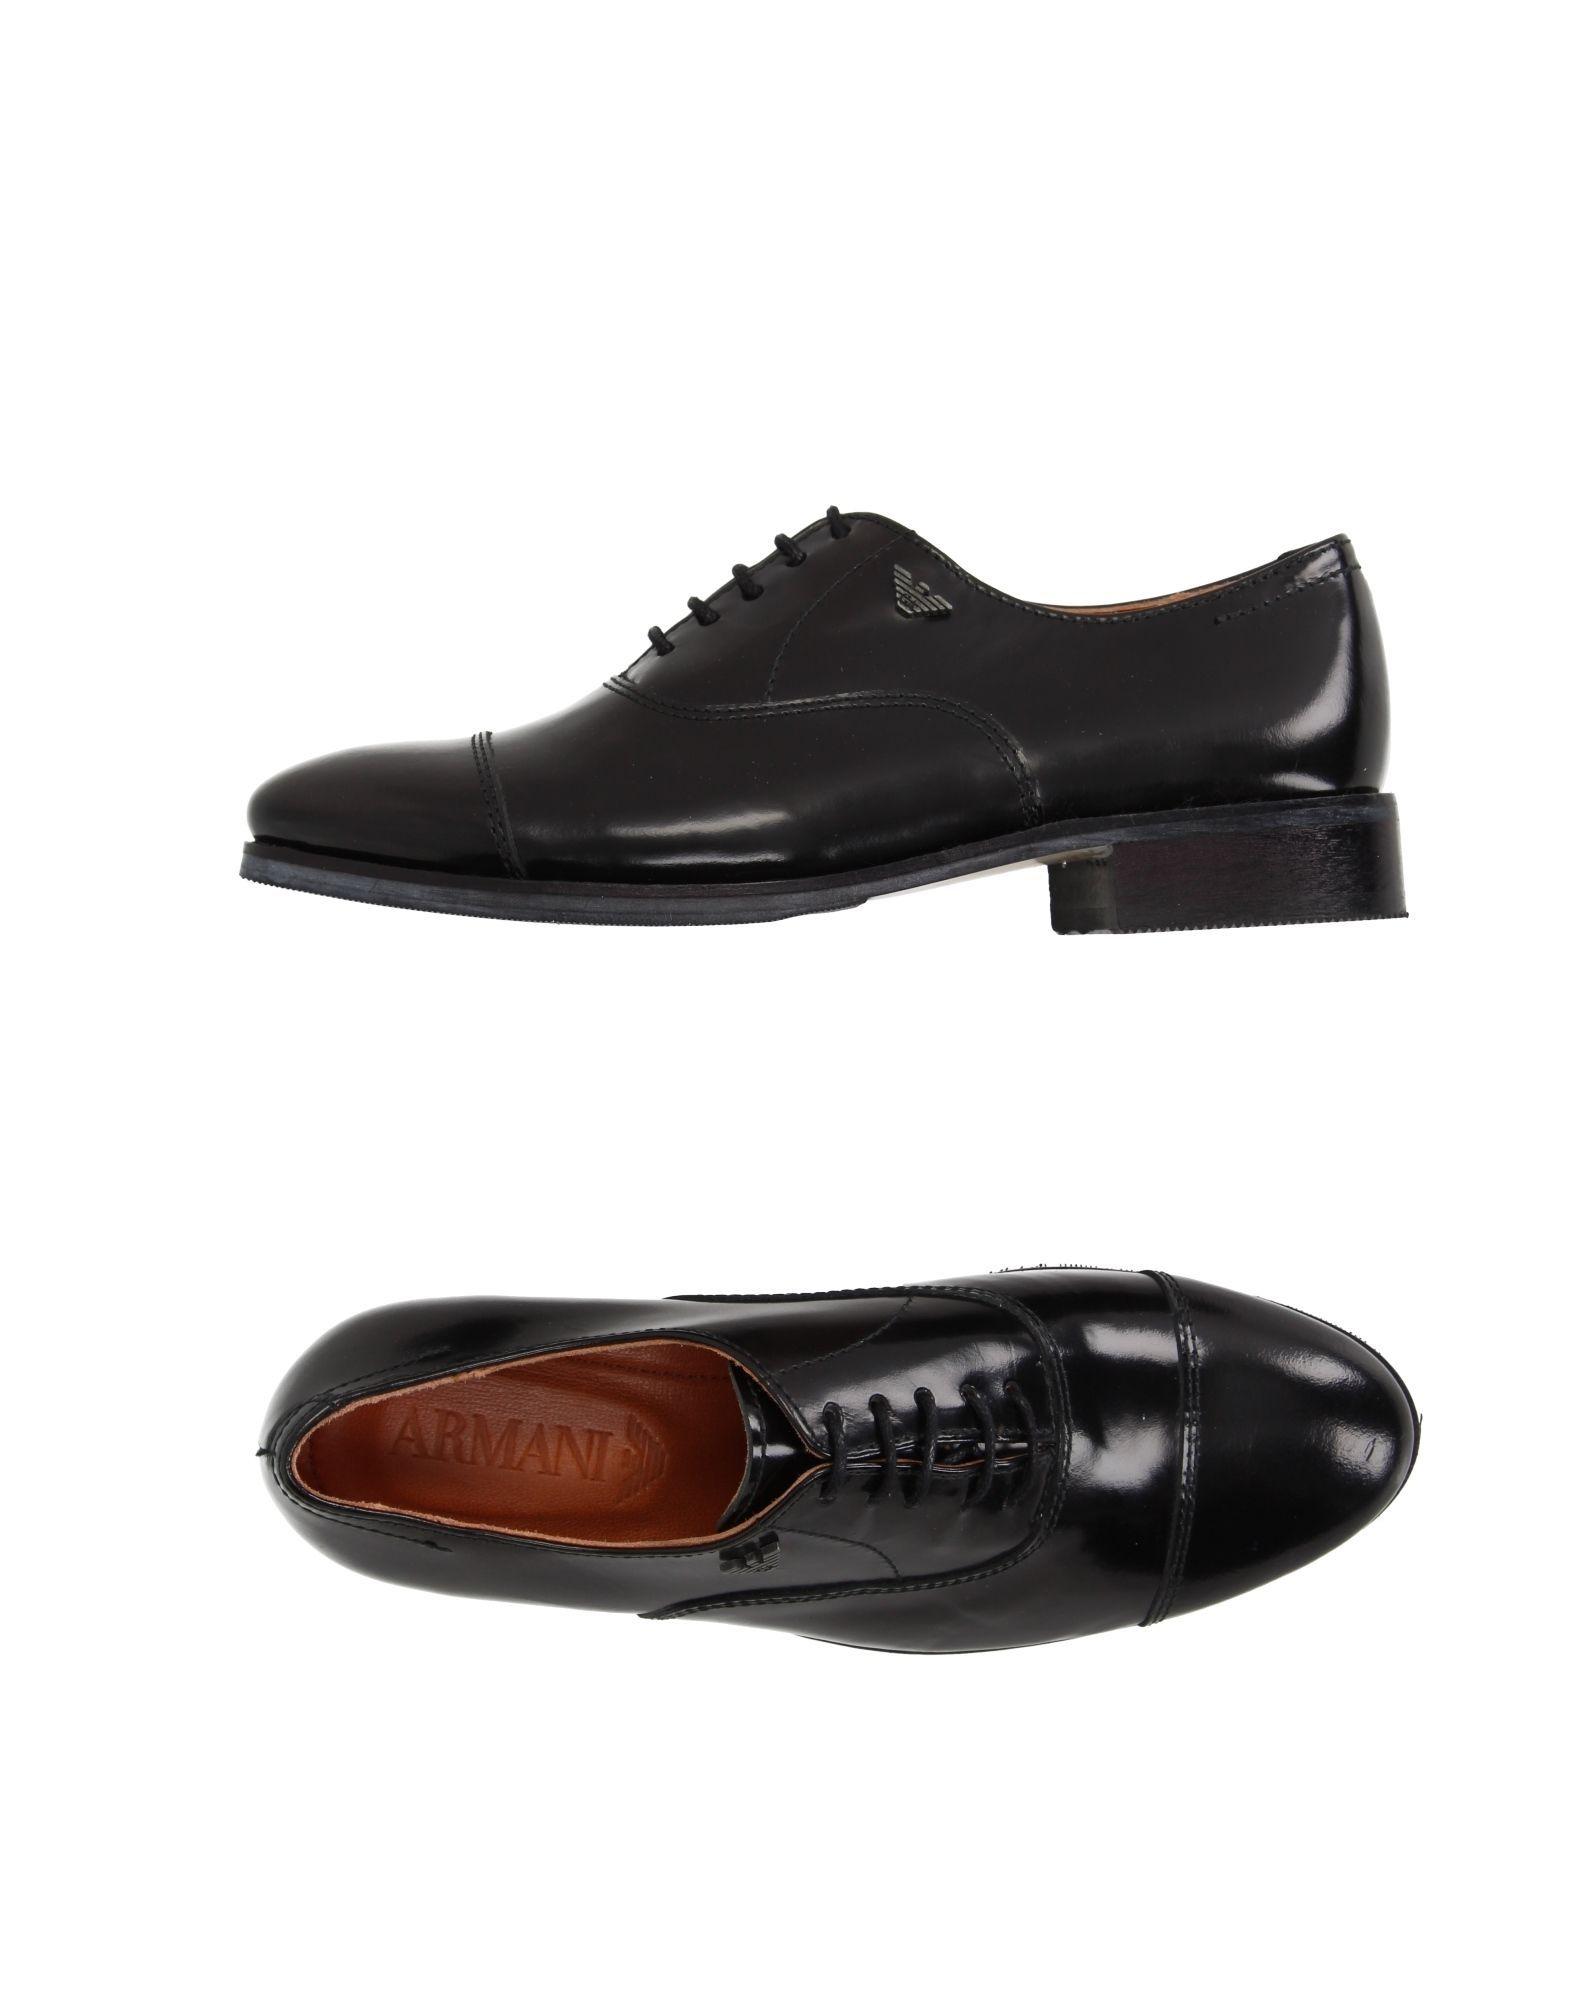 FOOTWEAR Armani Junior Black Boy Leather